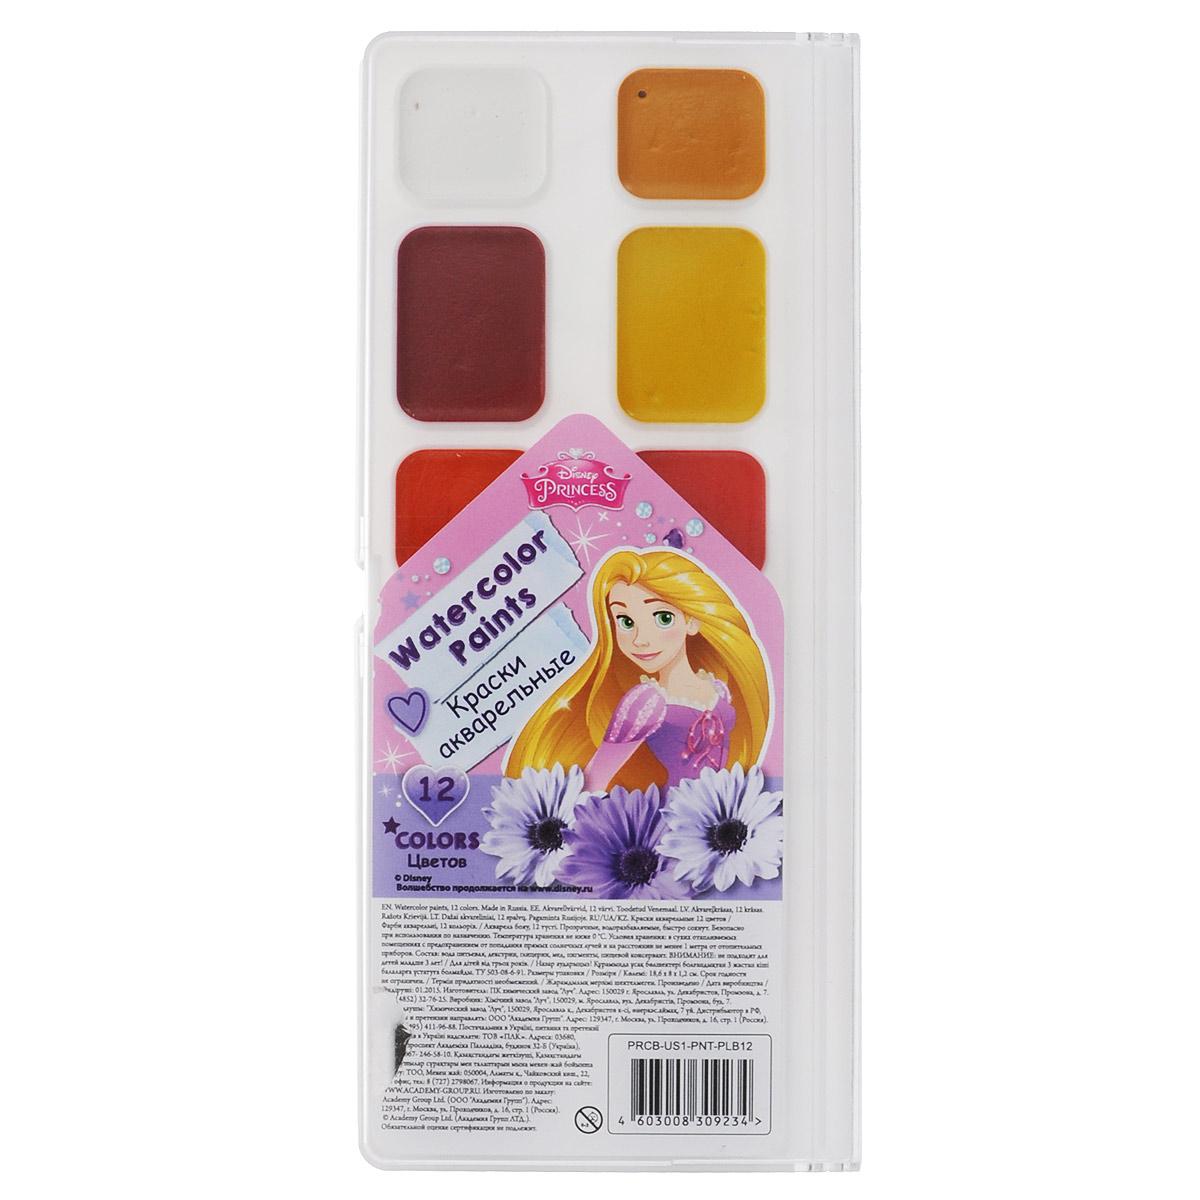 """Краски акварельные """"Princess"""", 12 цветов. PRCB-US1-PNT-PLB12, Disney Princess"""